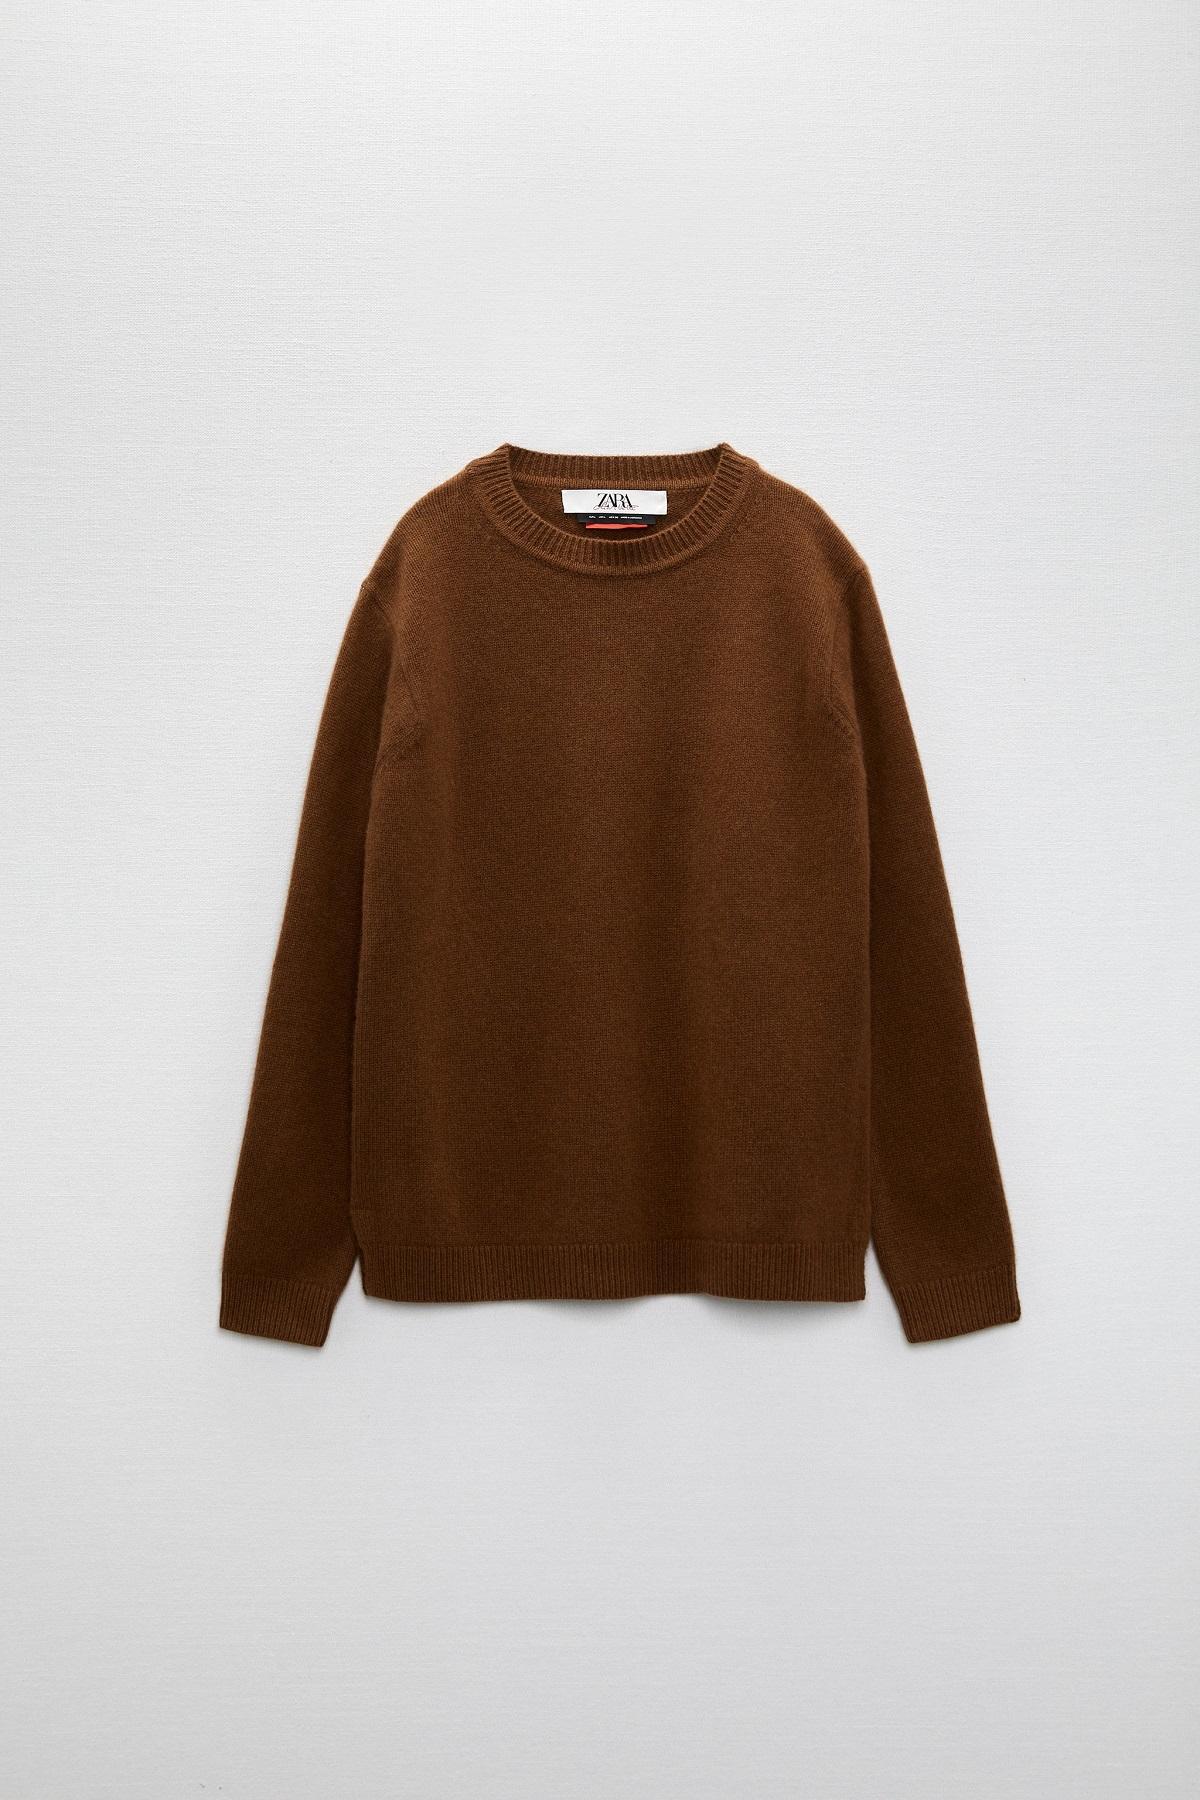 Uno de los suéters de la colección.